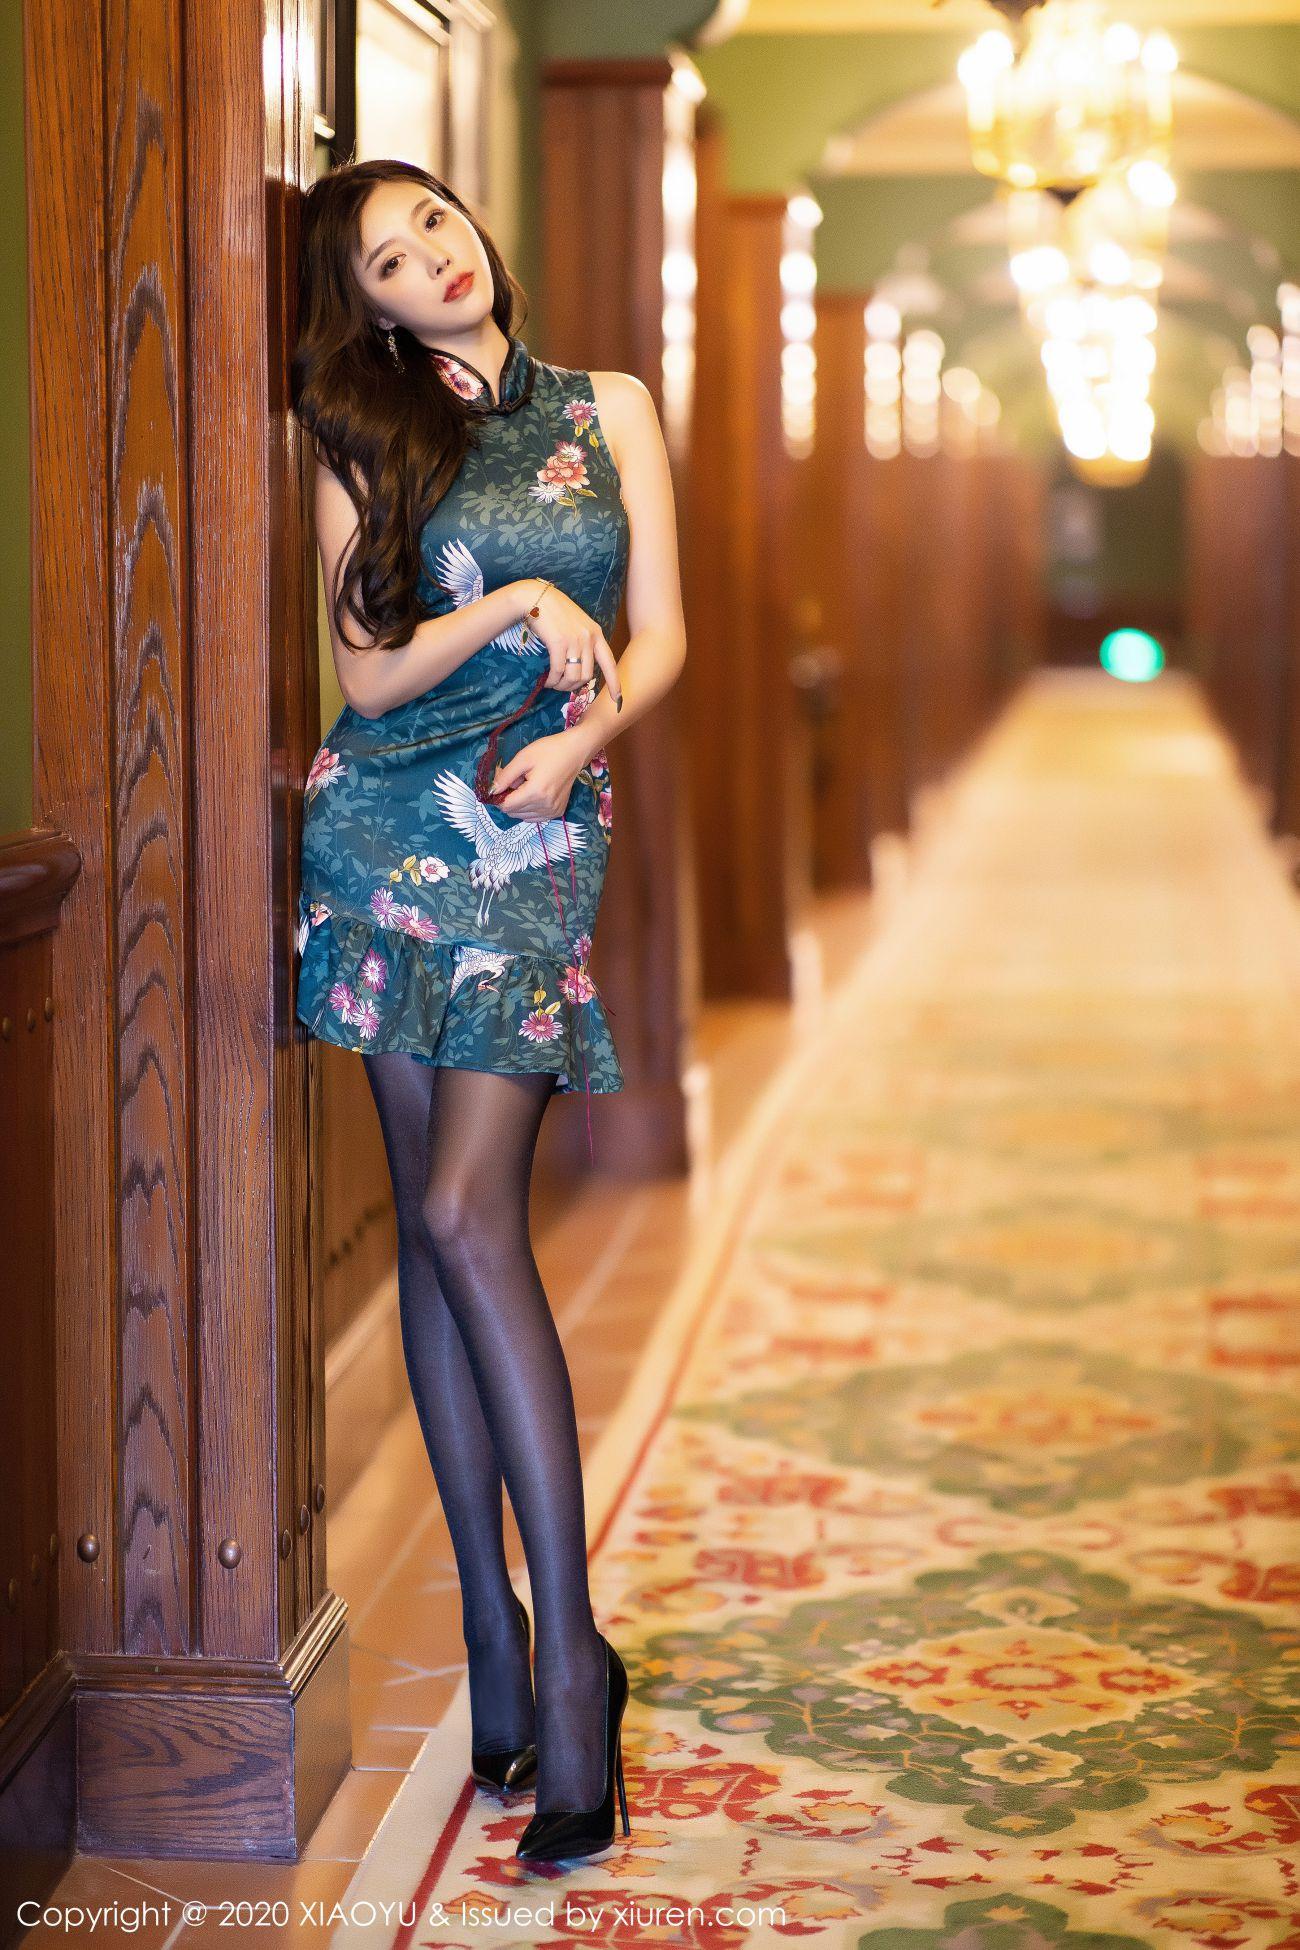 杨晨晨sugar - 古典旗袍+黑丝高跟 4